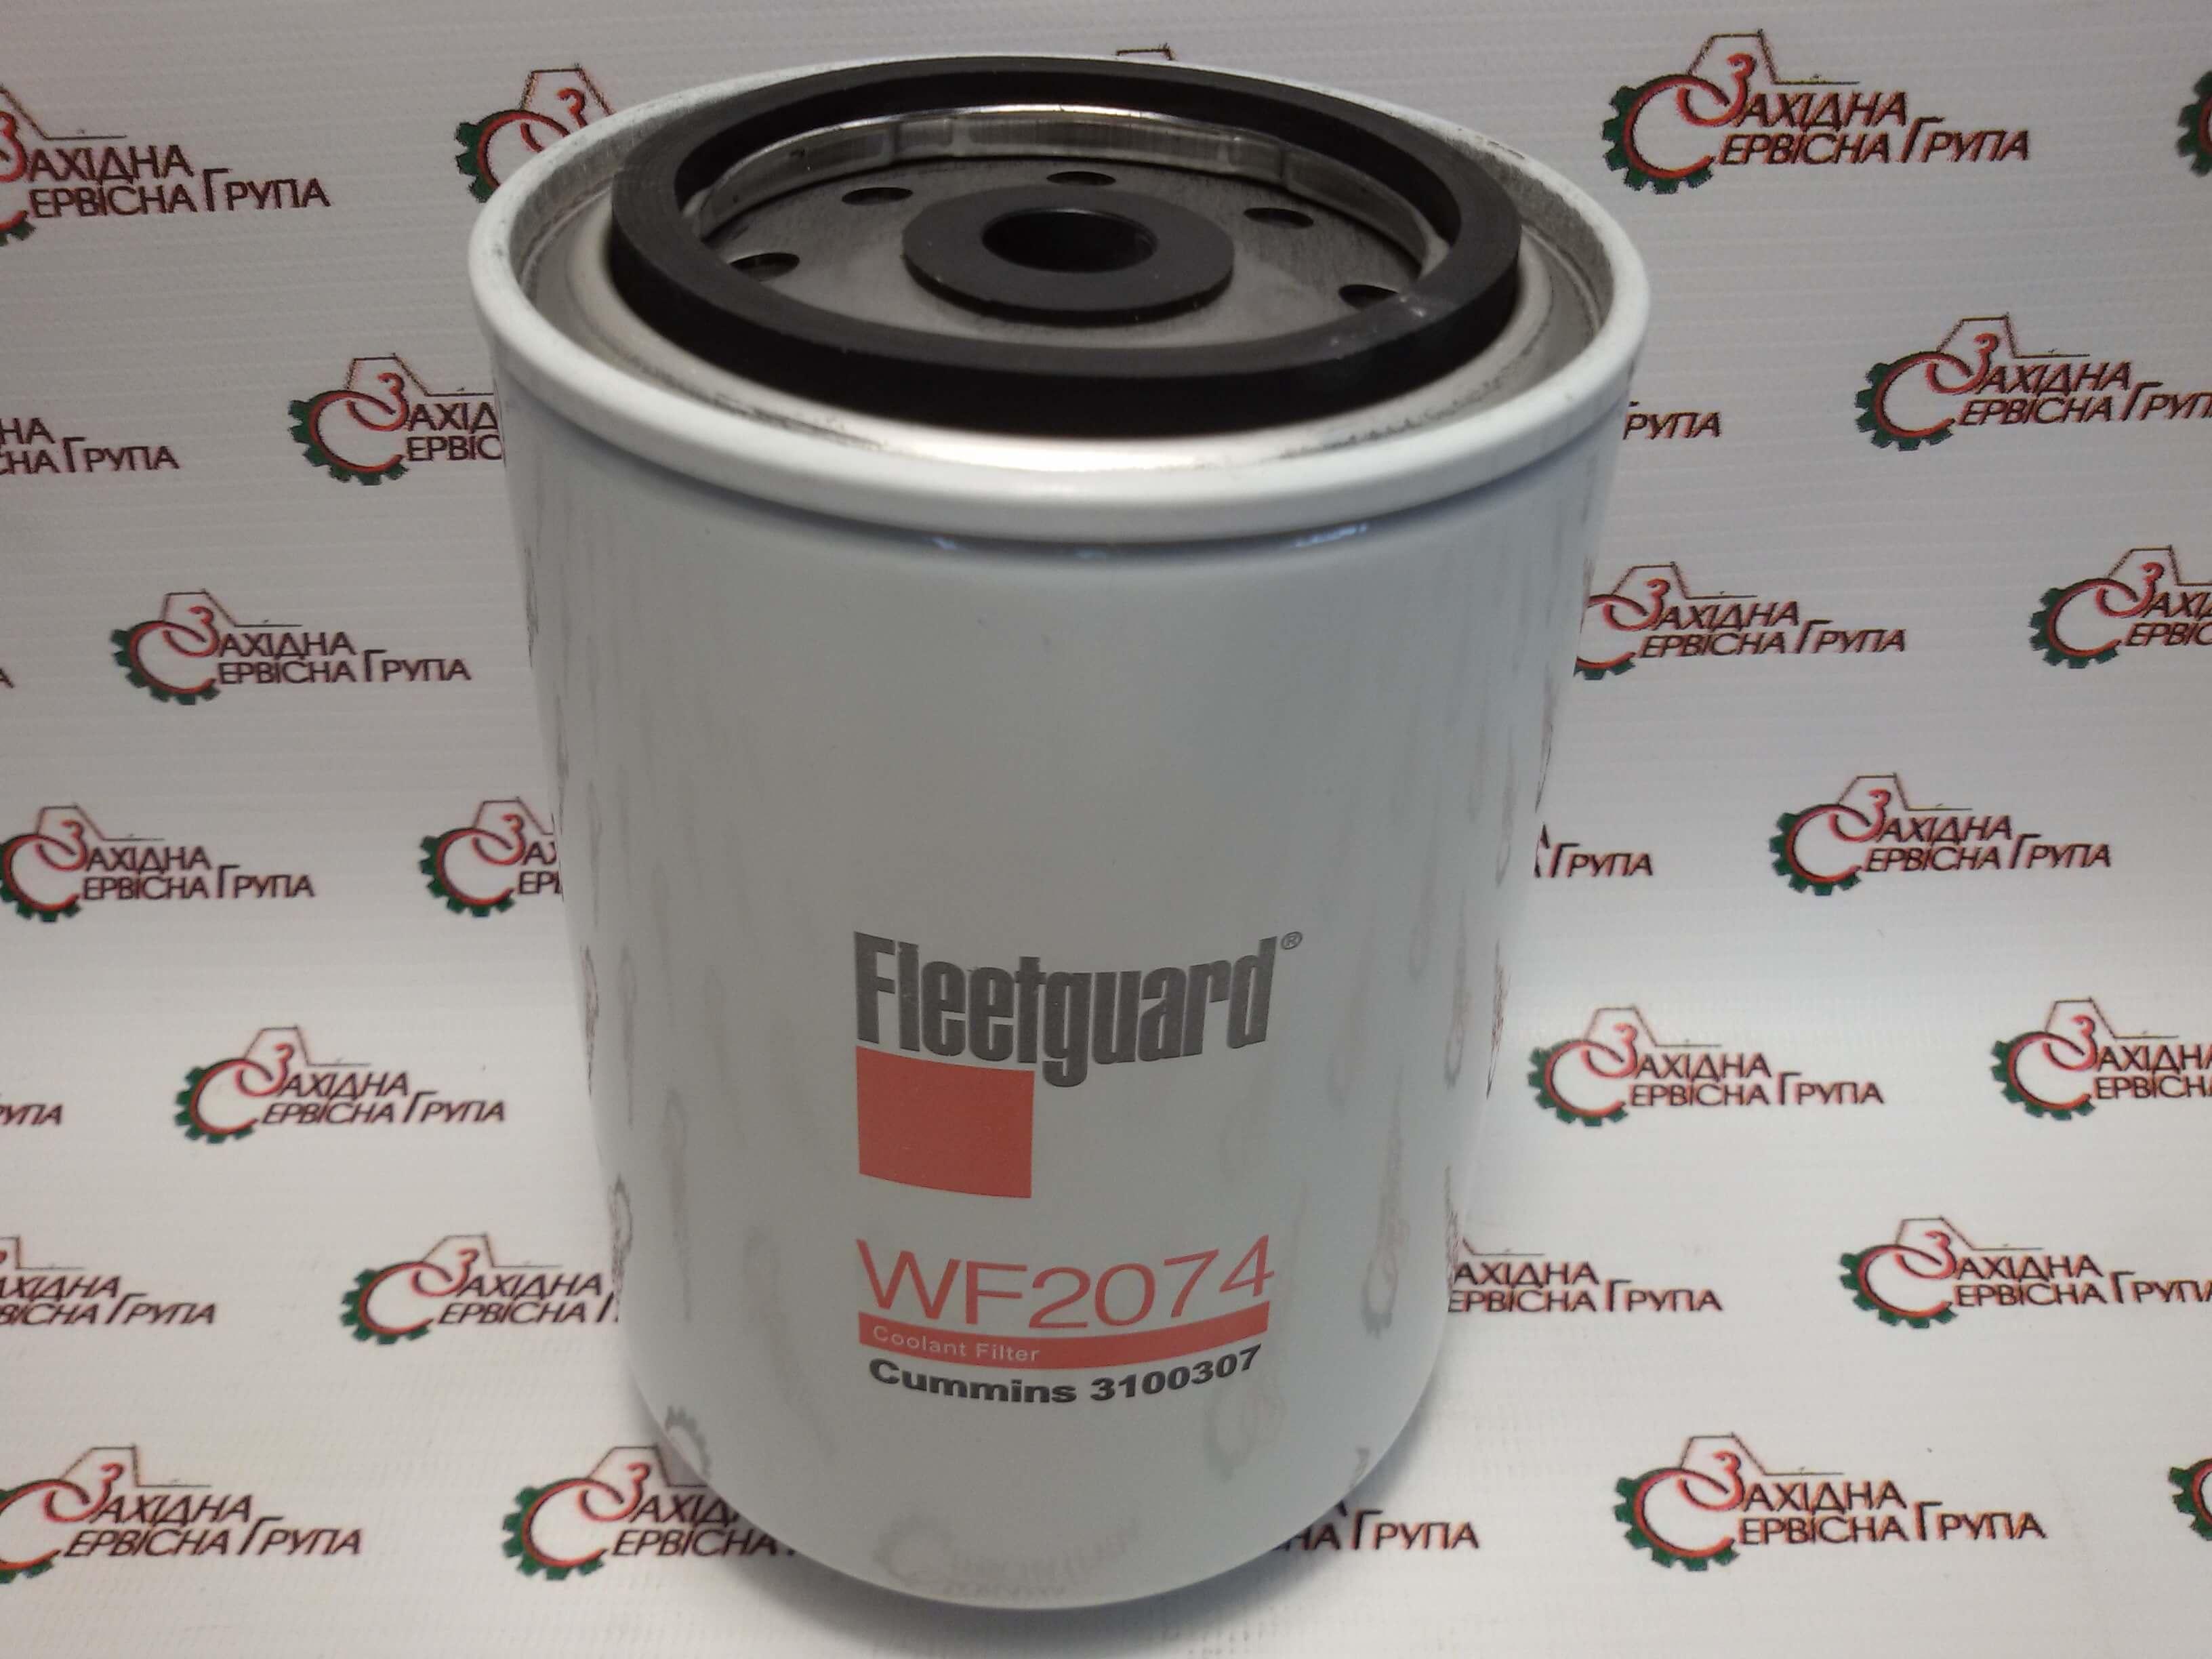 Фільтр охолоджуючої рідини Cummins Fleetguard WF2074, 3100307.